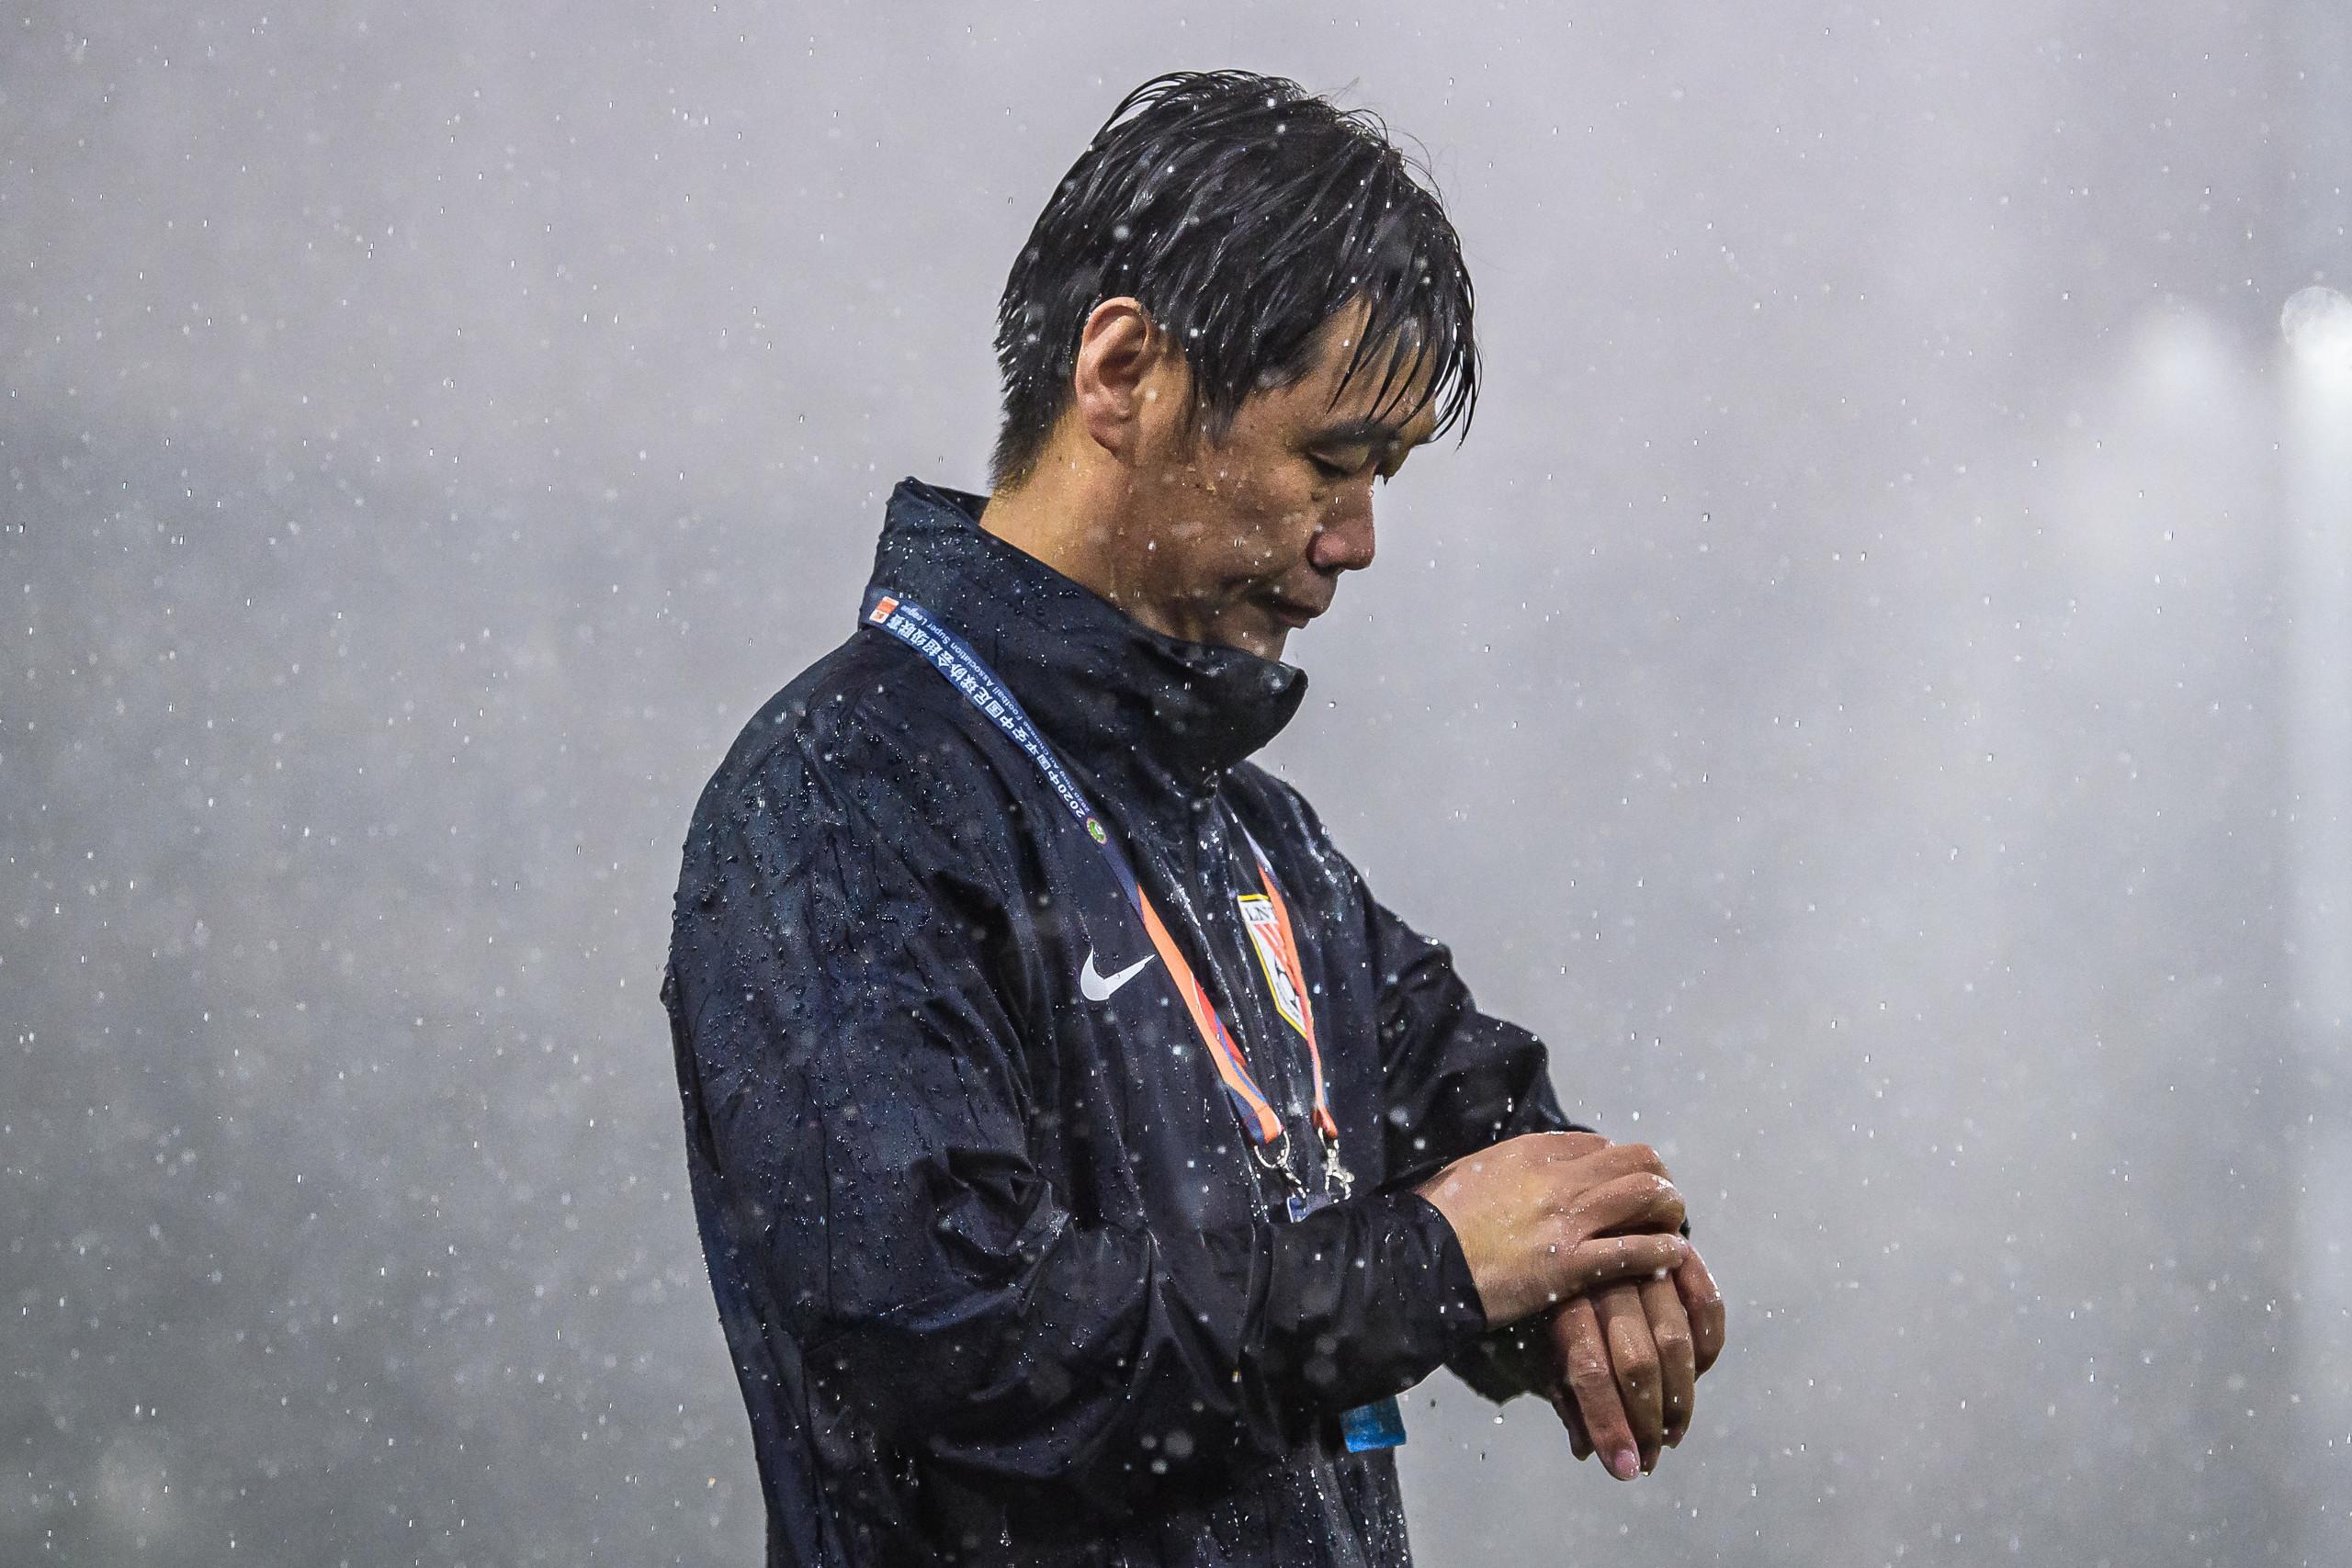 足球报:李霄鹏将完全放权给郝伟,因身体原亚搏体育客户端因不会去苏州